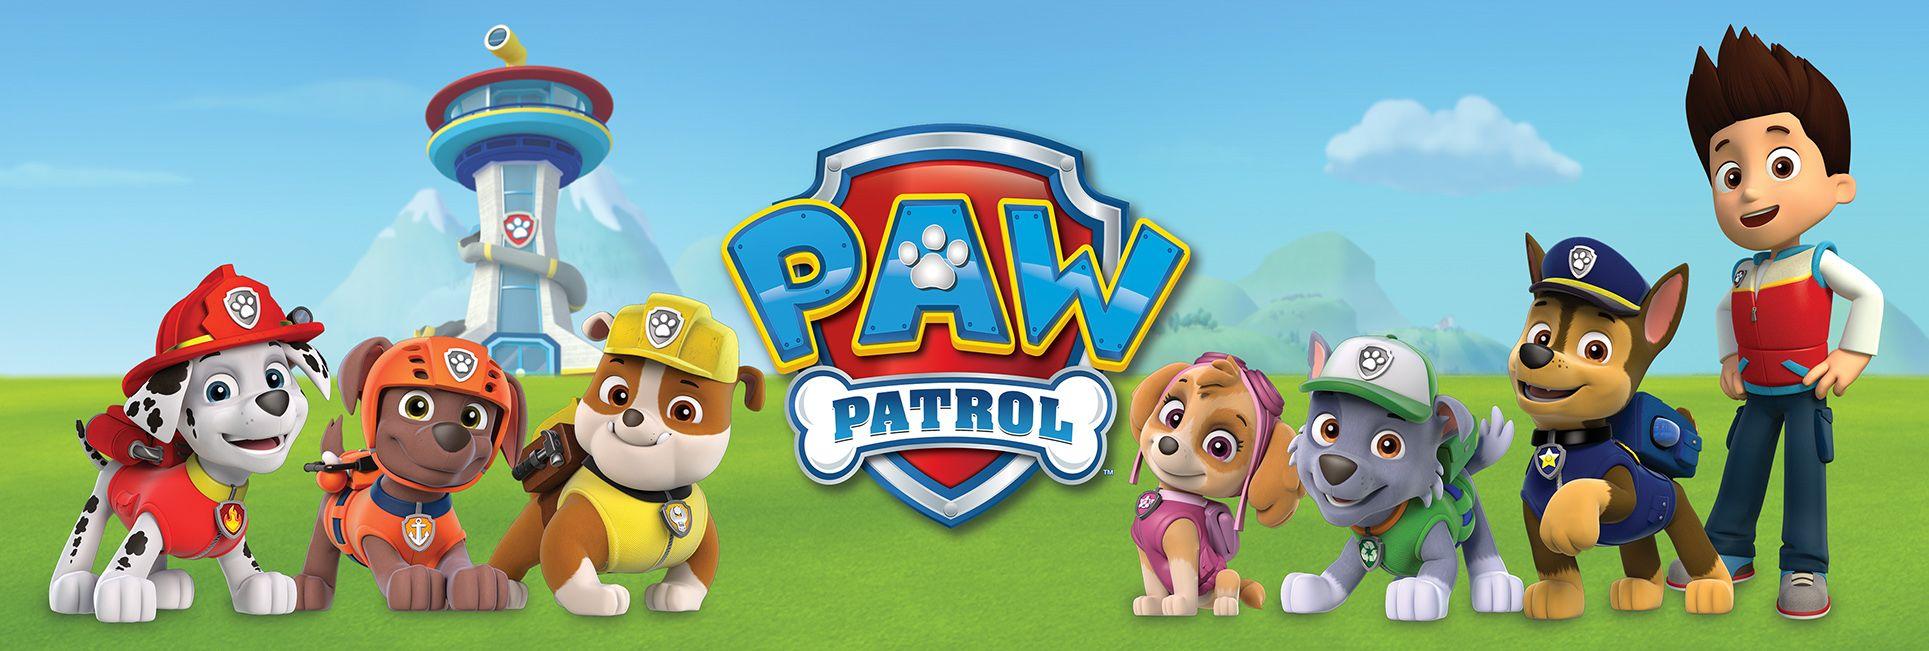 personajes paw patrol png - Buscar con Google | Paw Patrol ...